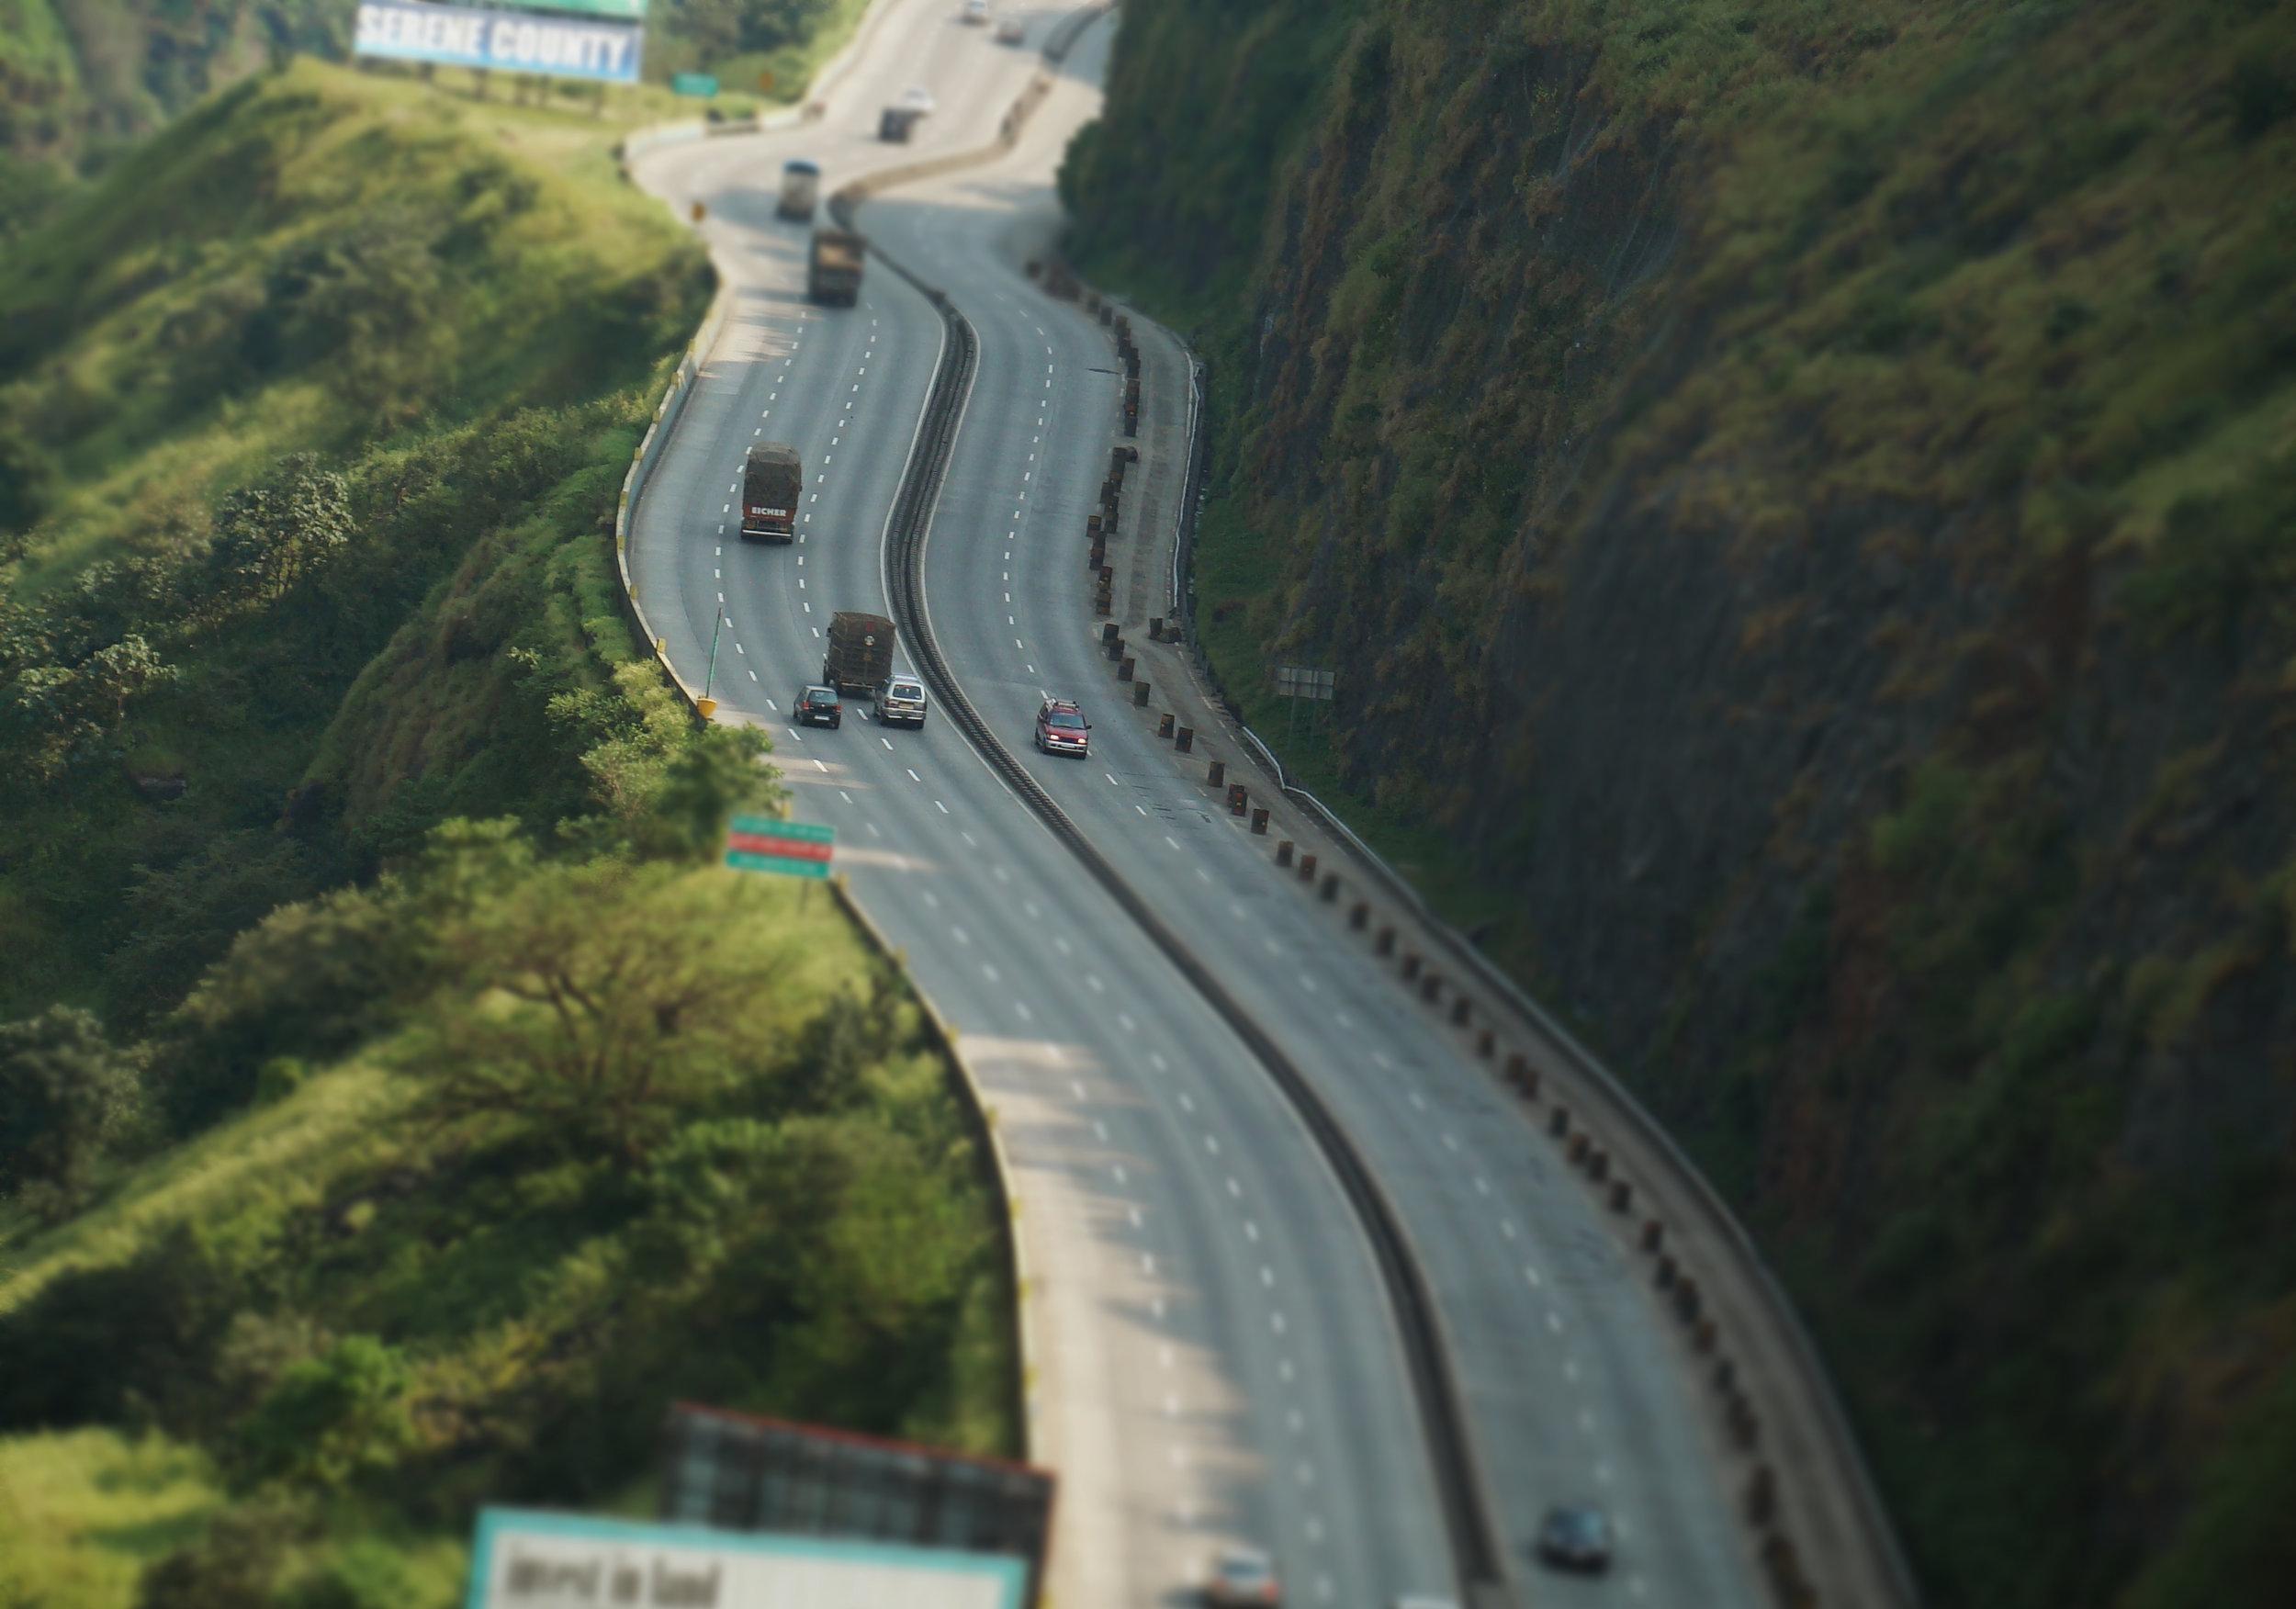 Estrada-montanha.jpg